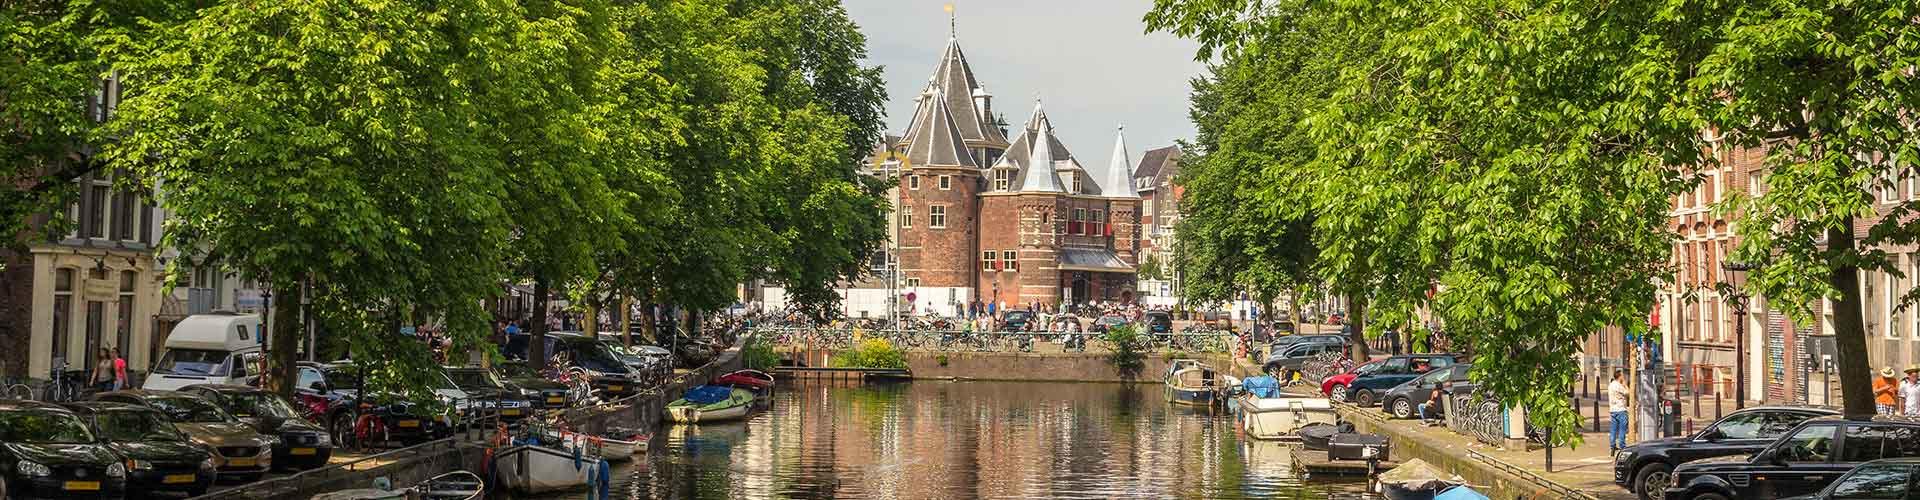 암스테르담 -  웨이하우스  와 가까운 호스텔. 암스테르담의 지도, 암스테르담에 위치한 호스텔 사진 및 후기 정보.